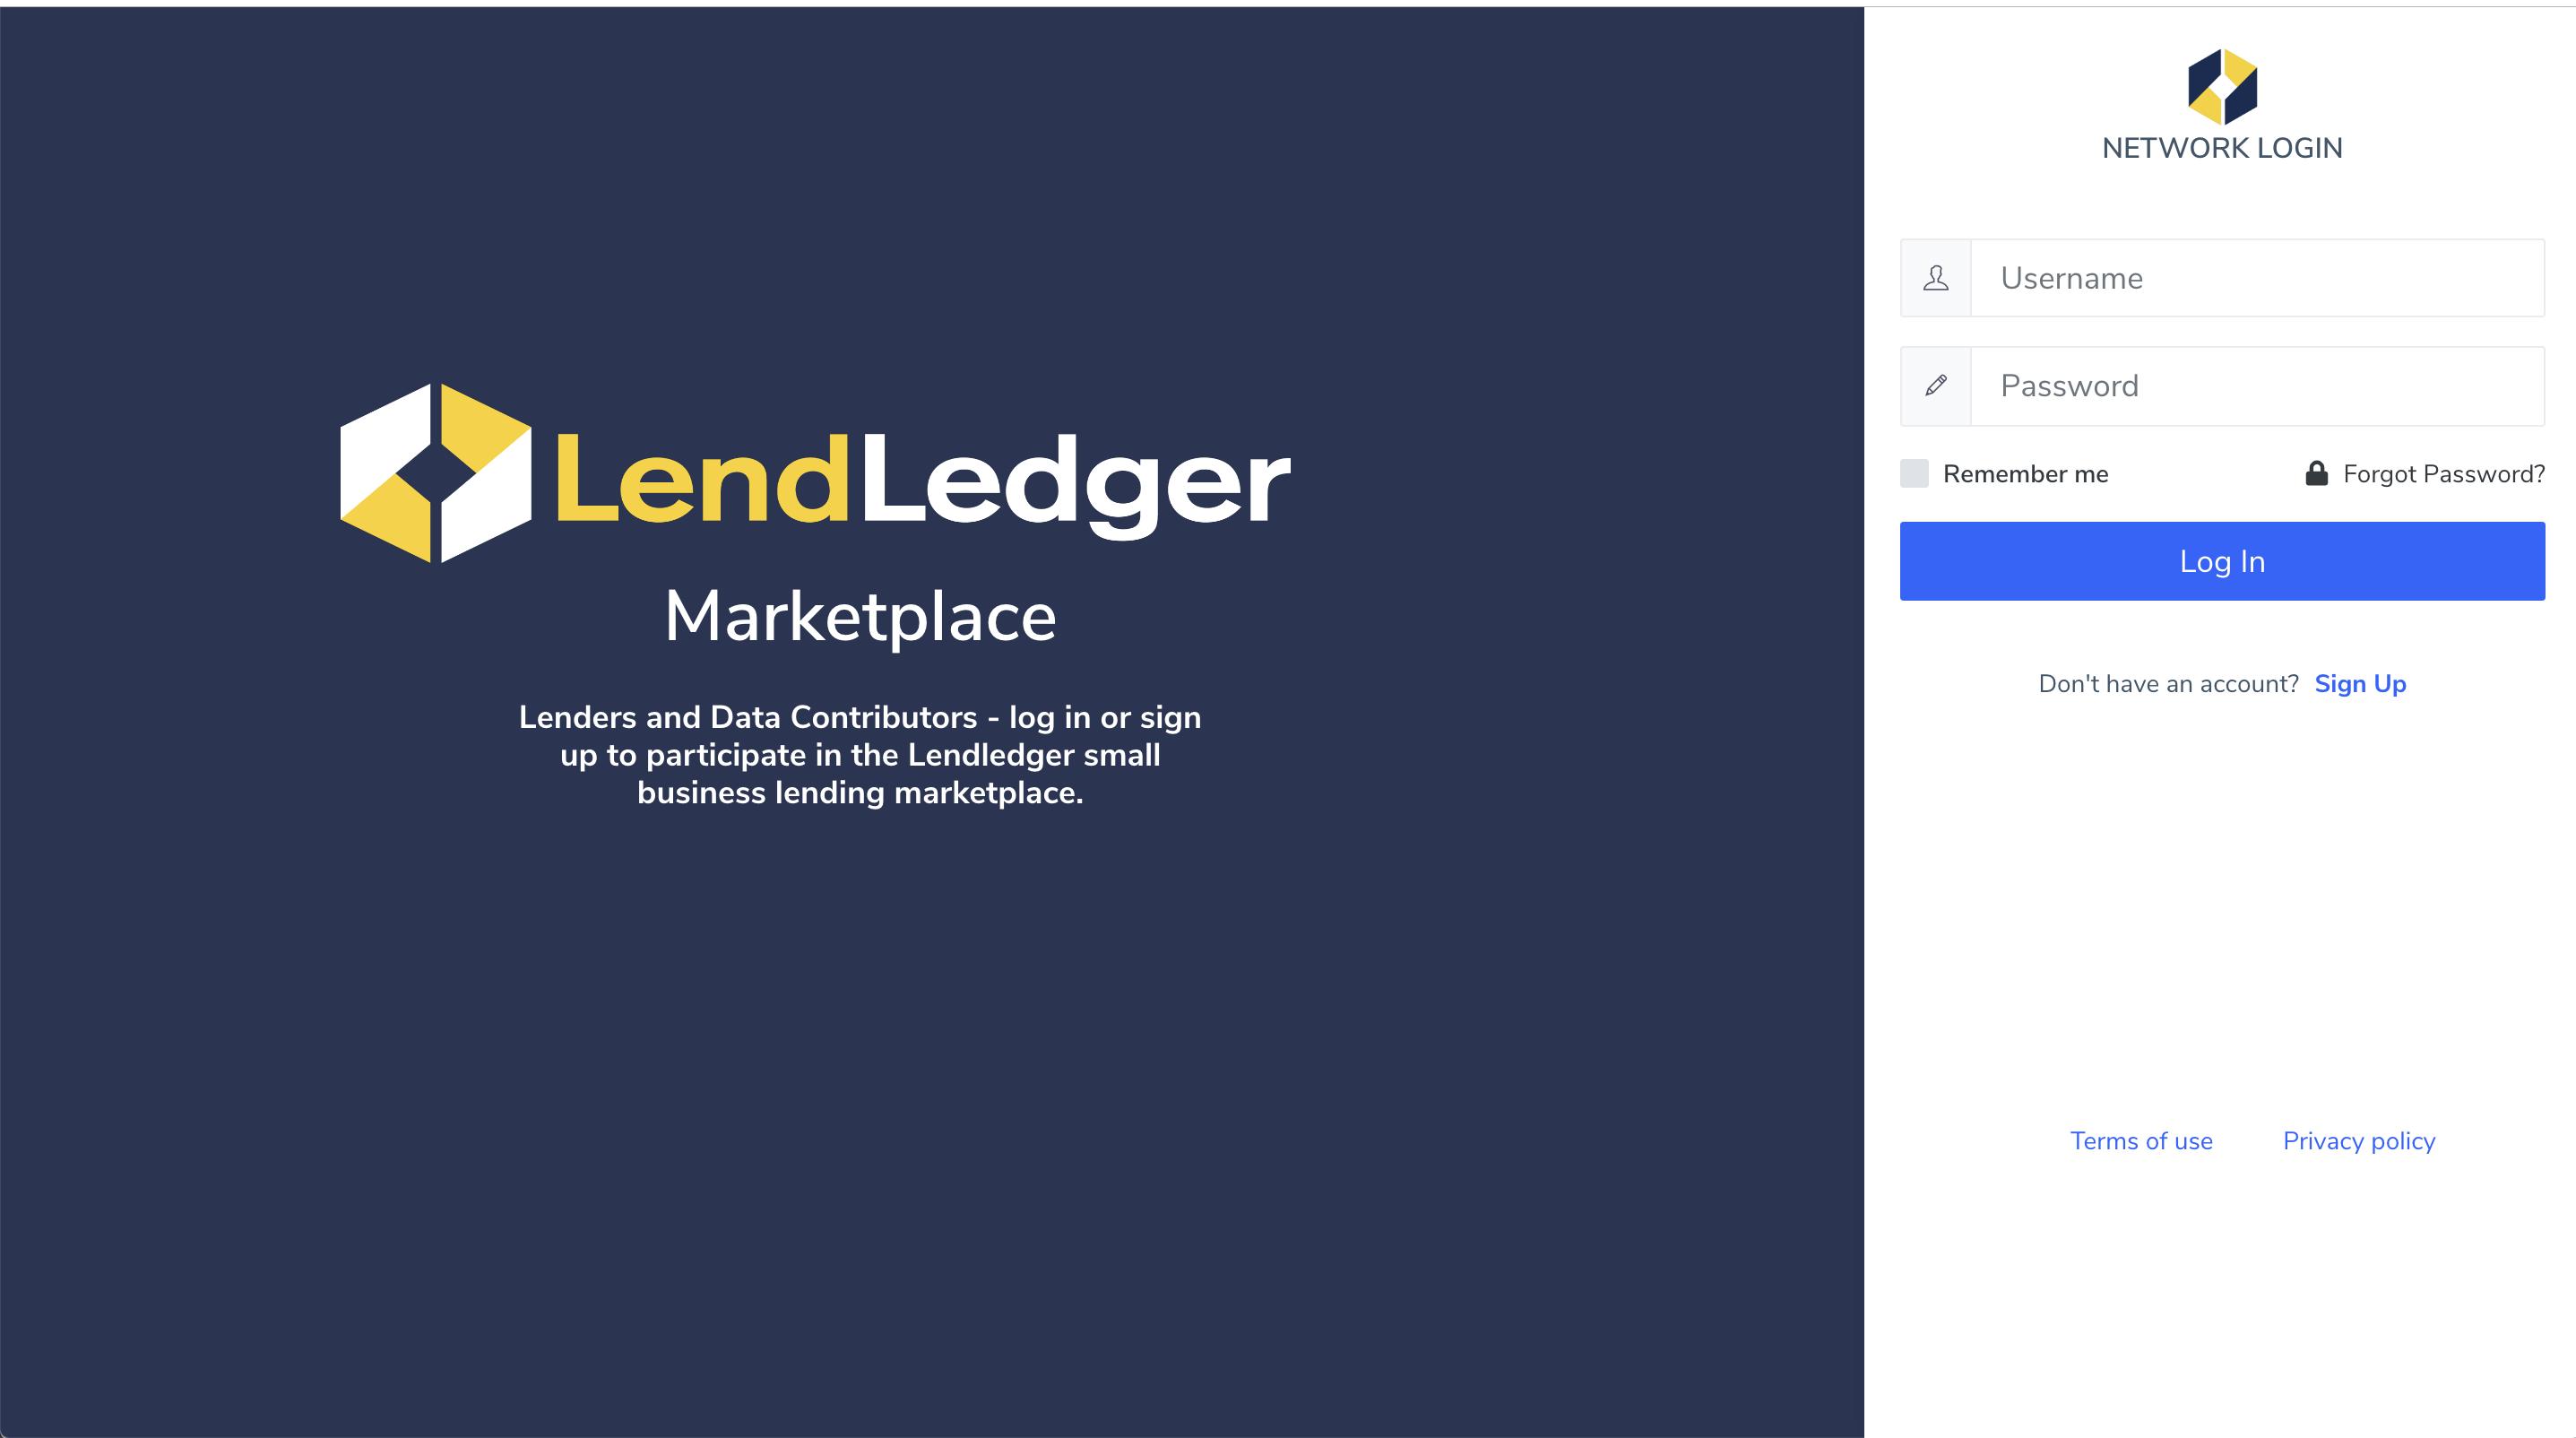 LendLedger Marketplace registration